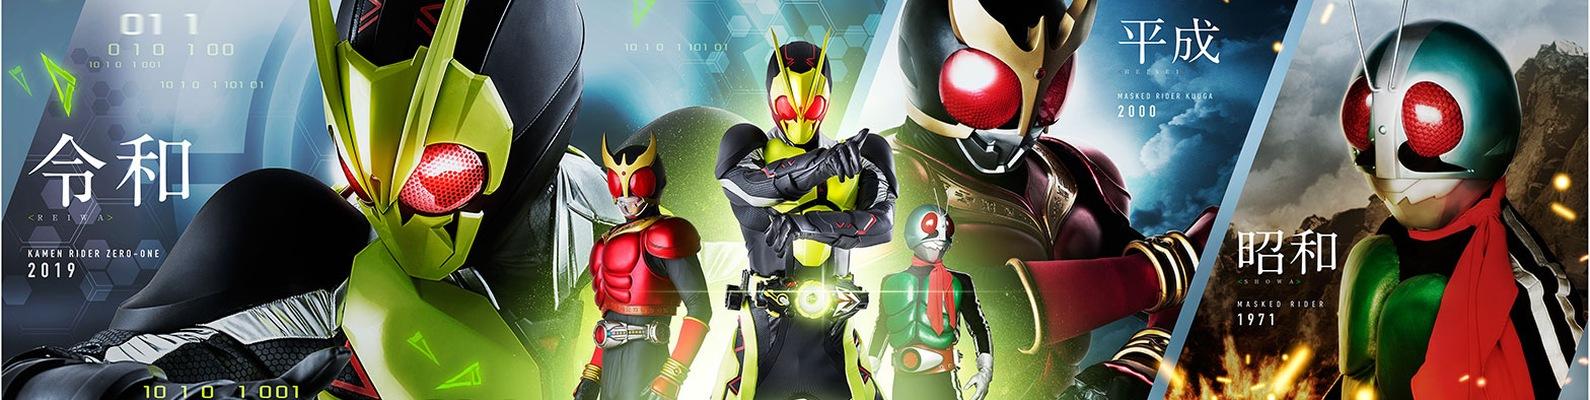 Kamen Rider ○ Камен Райдер ○ Наездник в маске | ВКонтакте